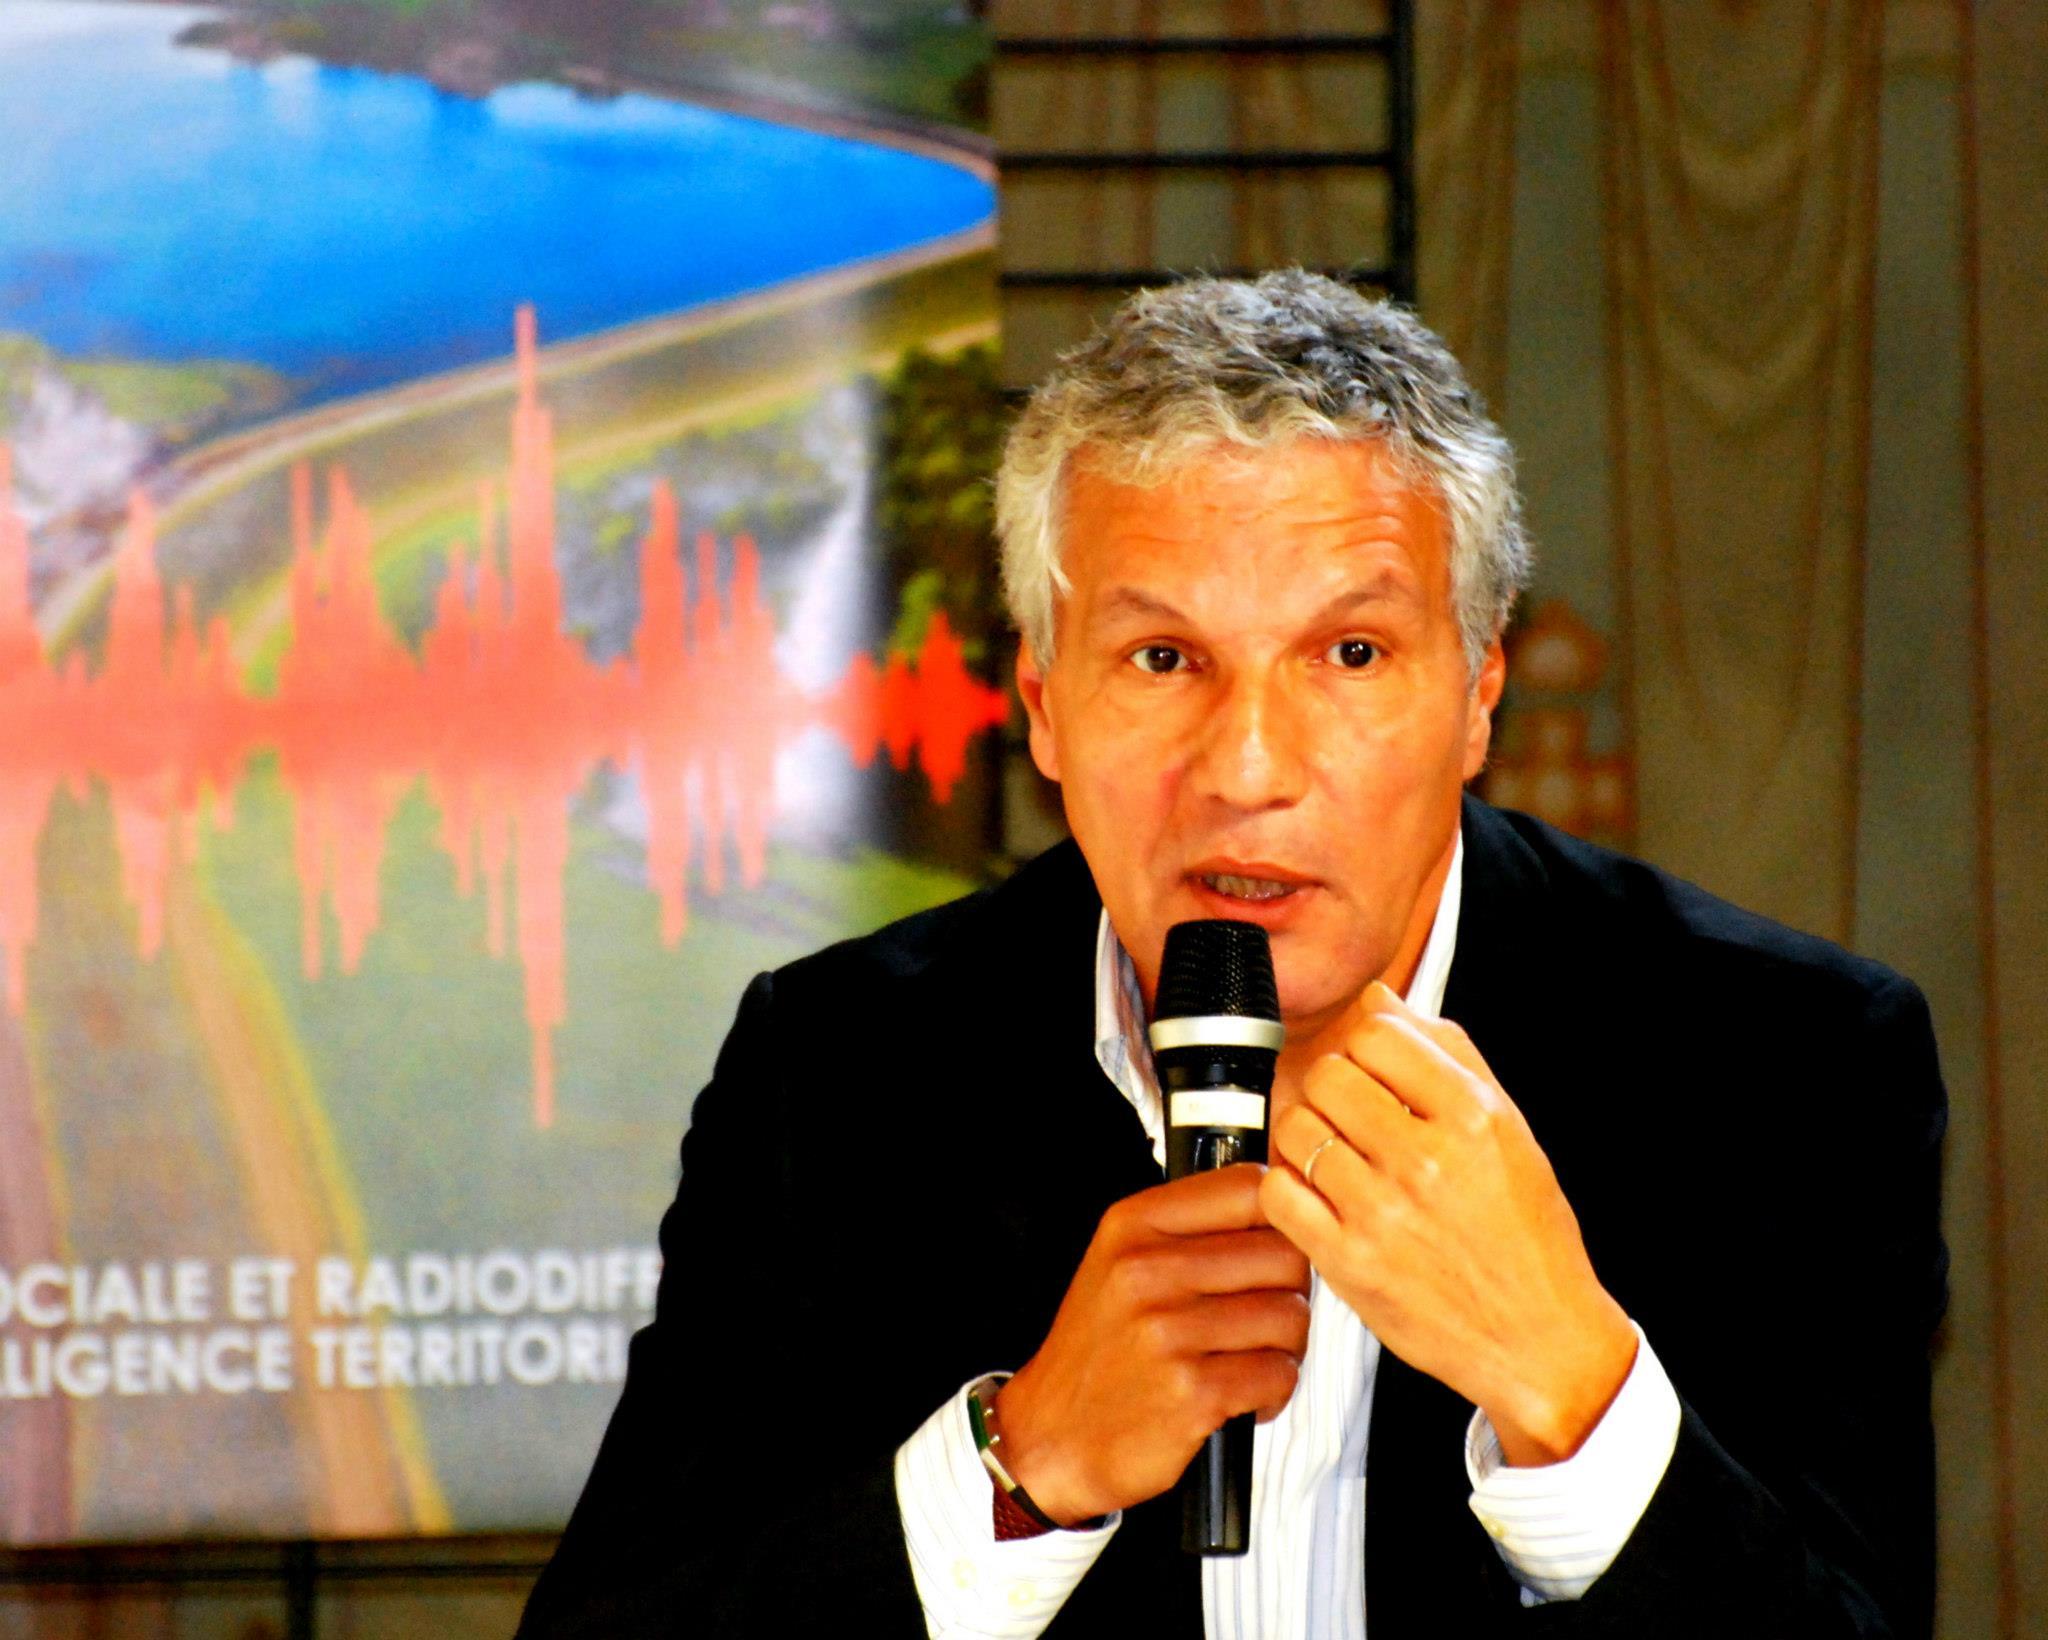 Rachid Arhab lors de la séance d'ouverture du Congrès de Reims - SNRL 2012 ©Karinaphotos